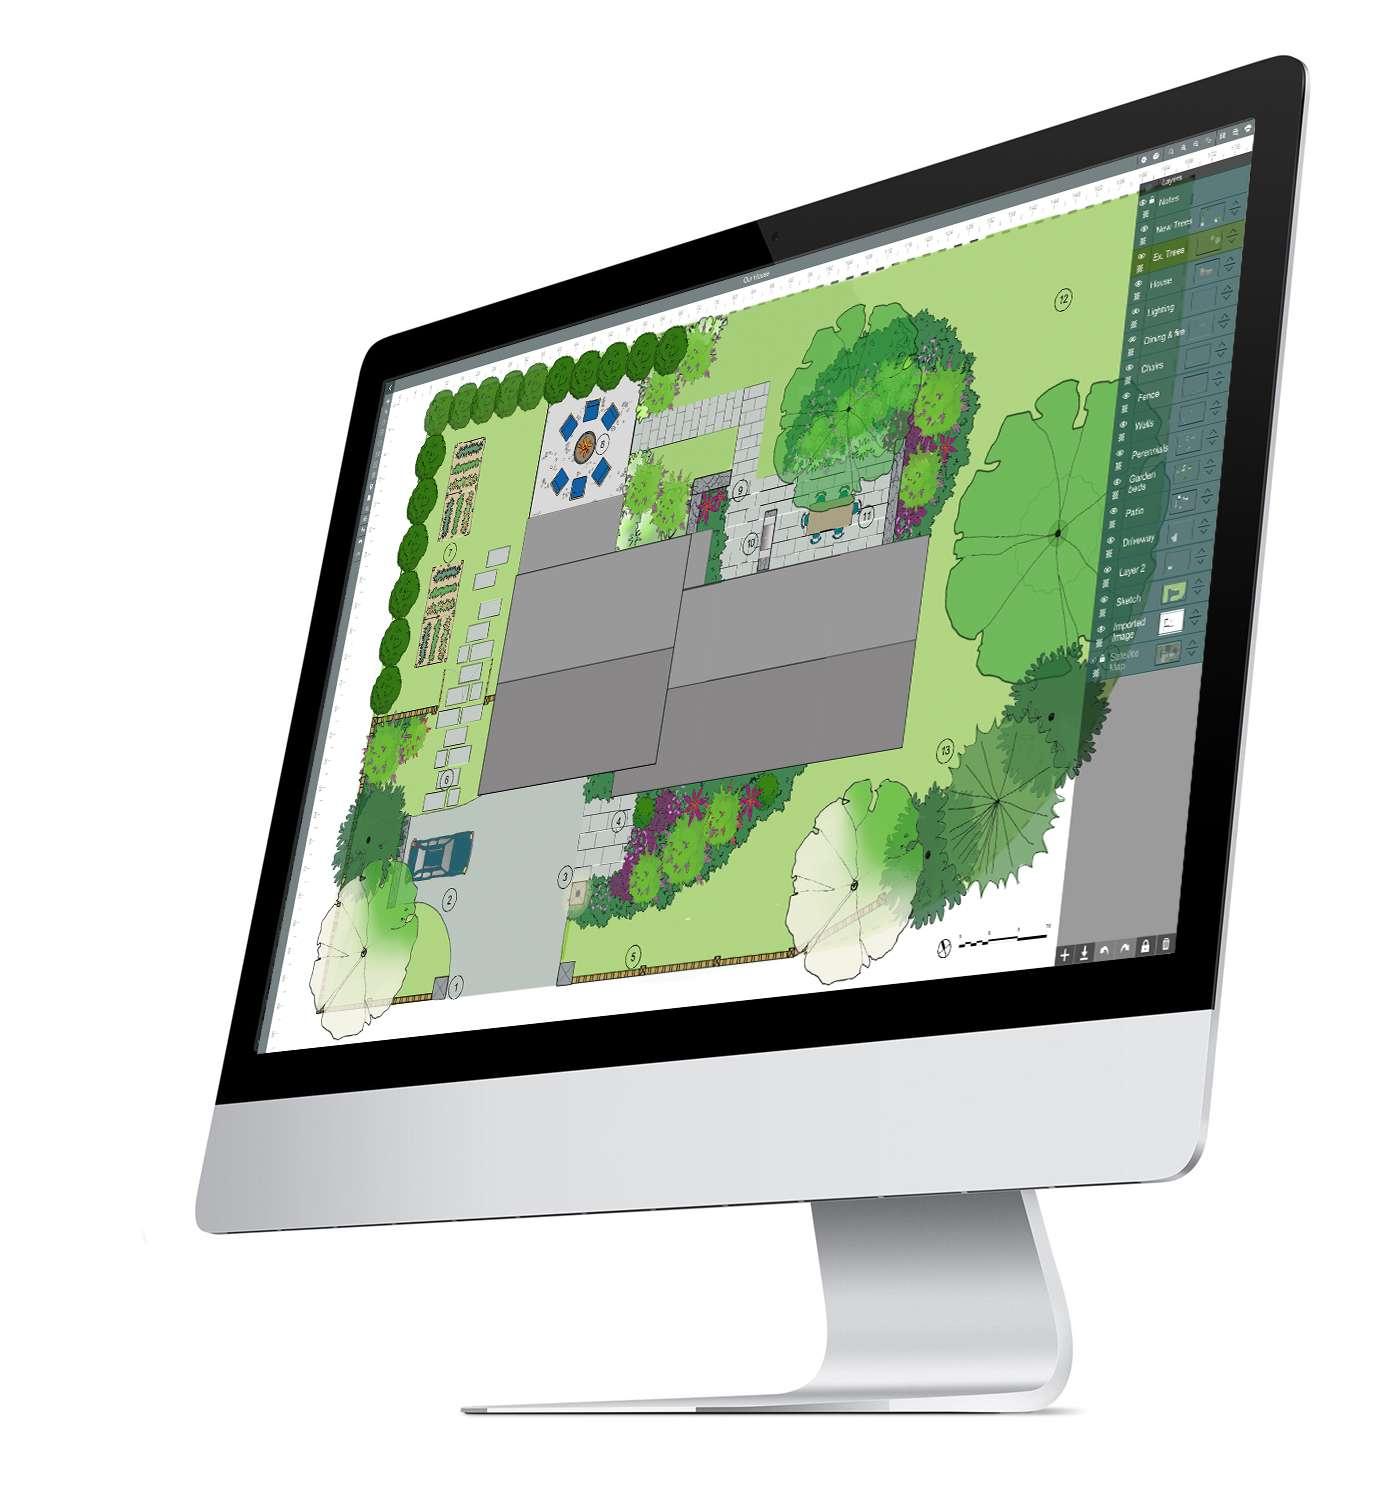 Landscape Software On Mac Desktop Computer